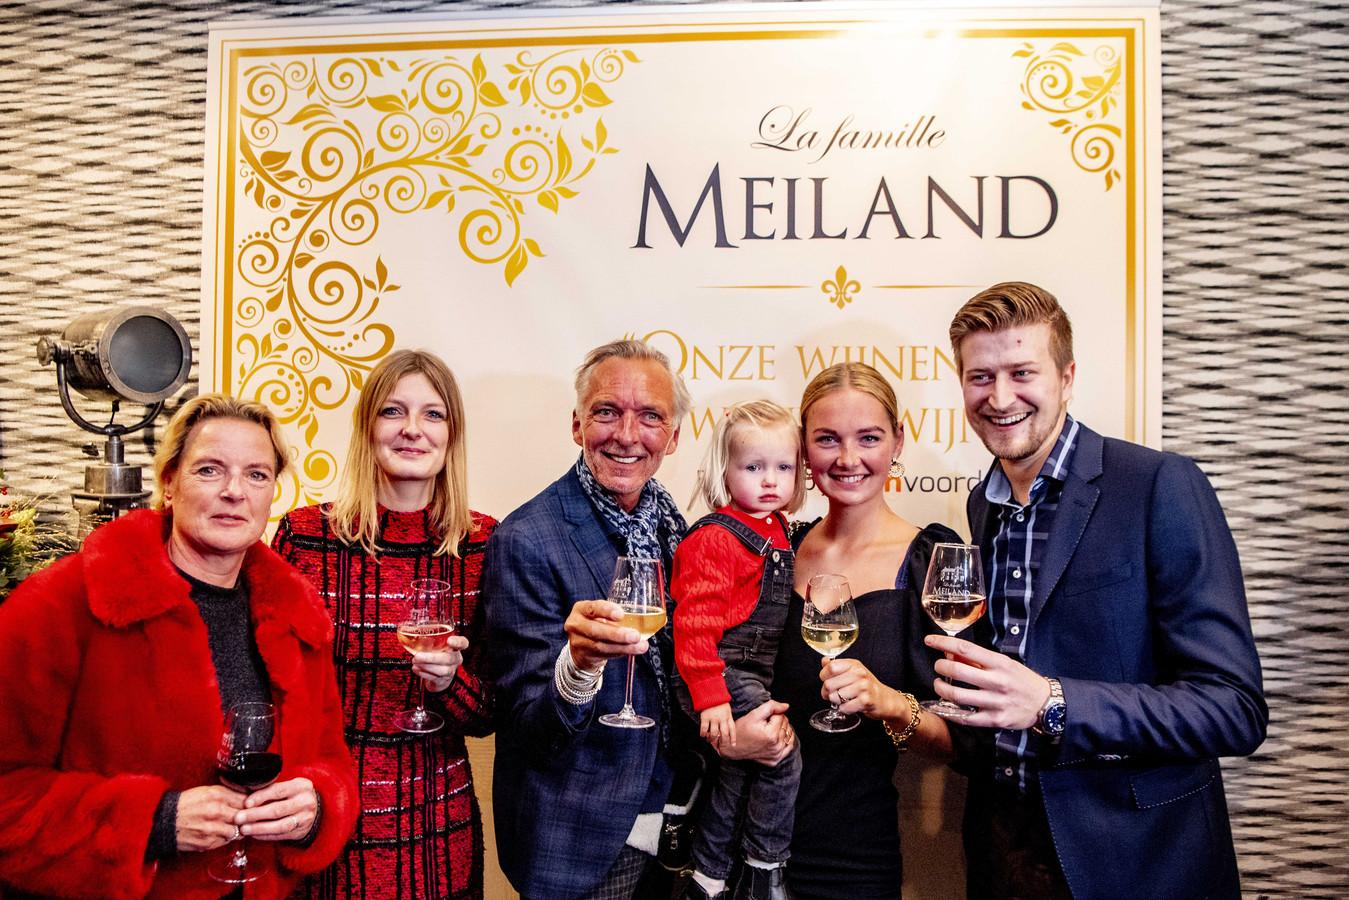 Martien Meiland, moeder Erica, dochter Maxime, kleindochter Claire en dochter Montana tijdens de presentatie van de nieuwe wijncollectie van de familie Meiland.